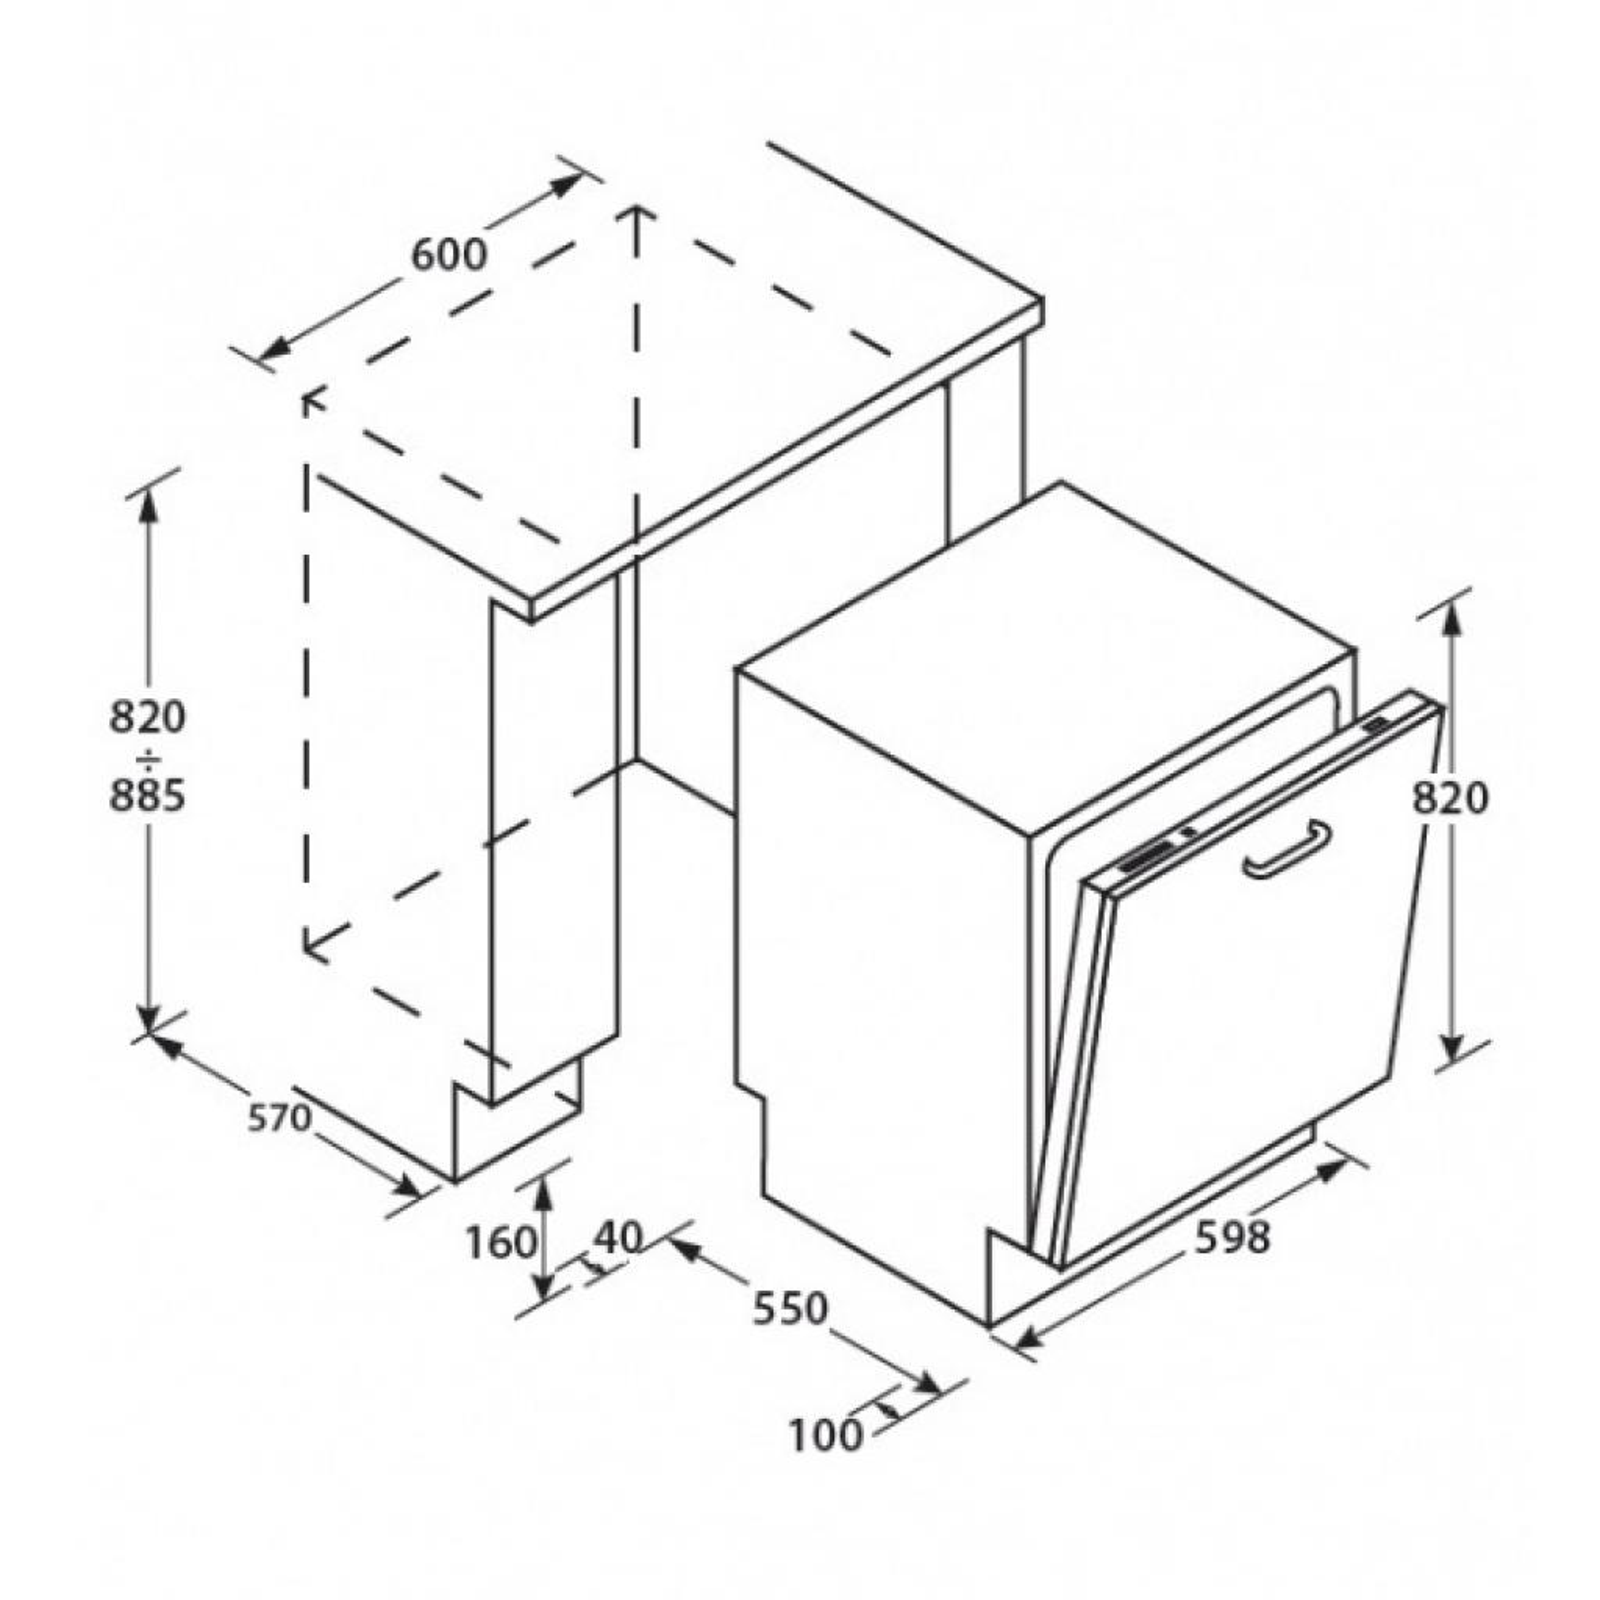 Посудомоечная машина CANDY CDI 2210/E-S (CDI2210/E-S) изображение 2